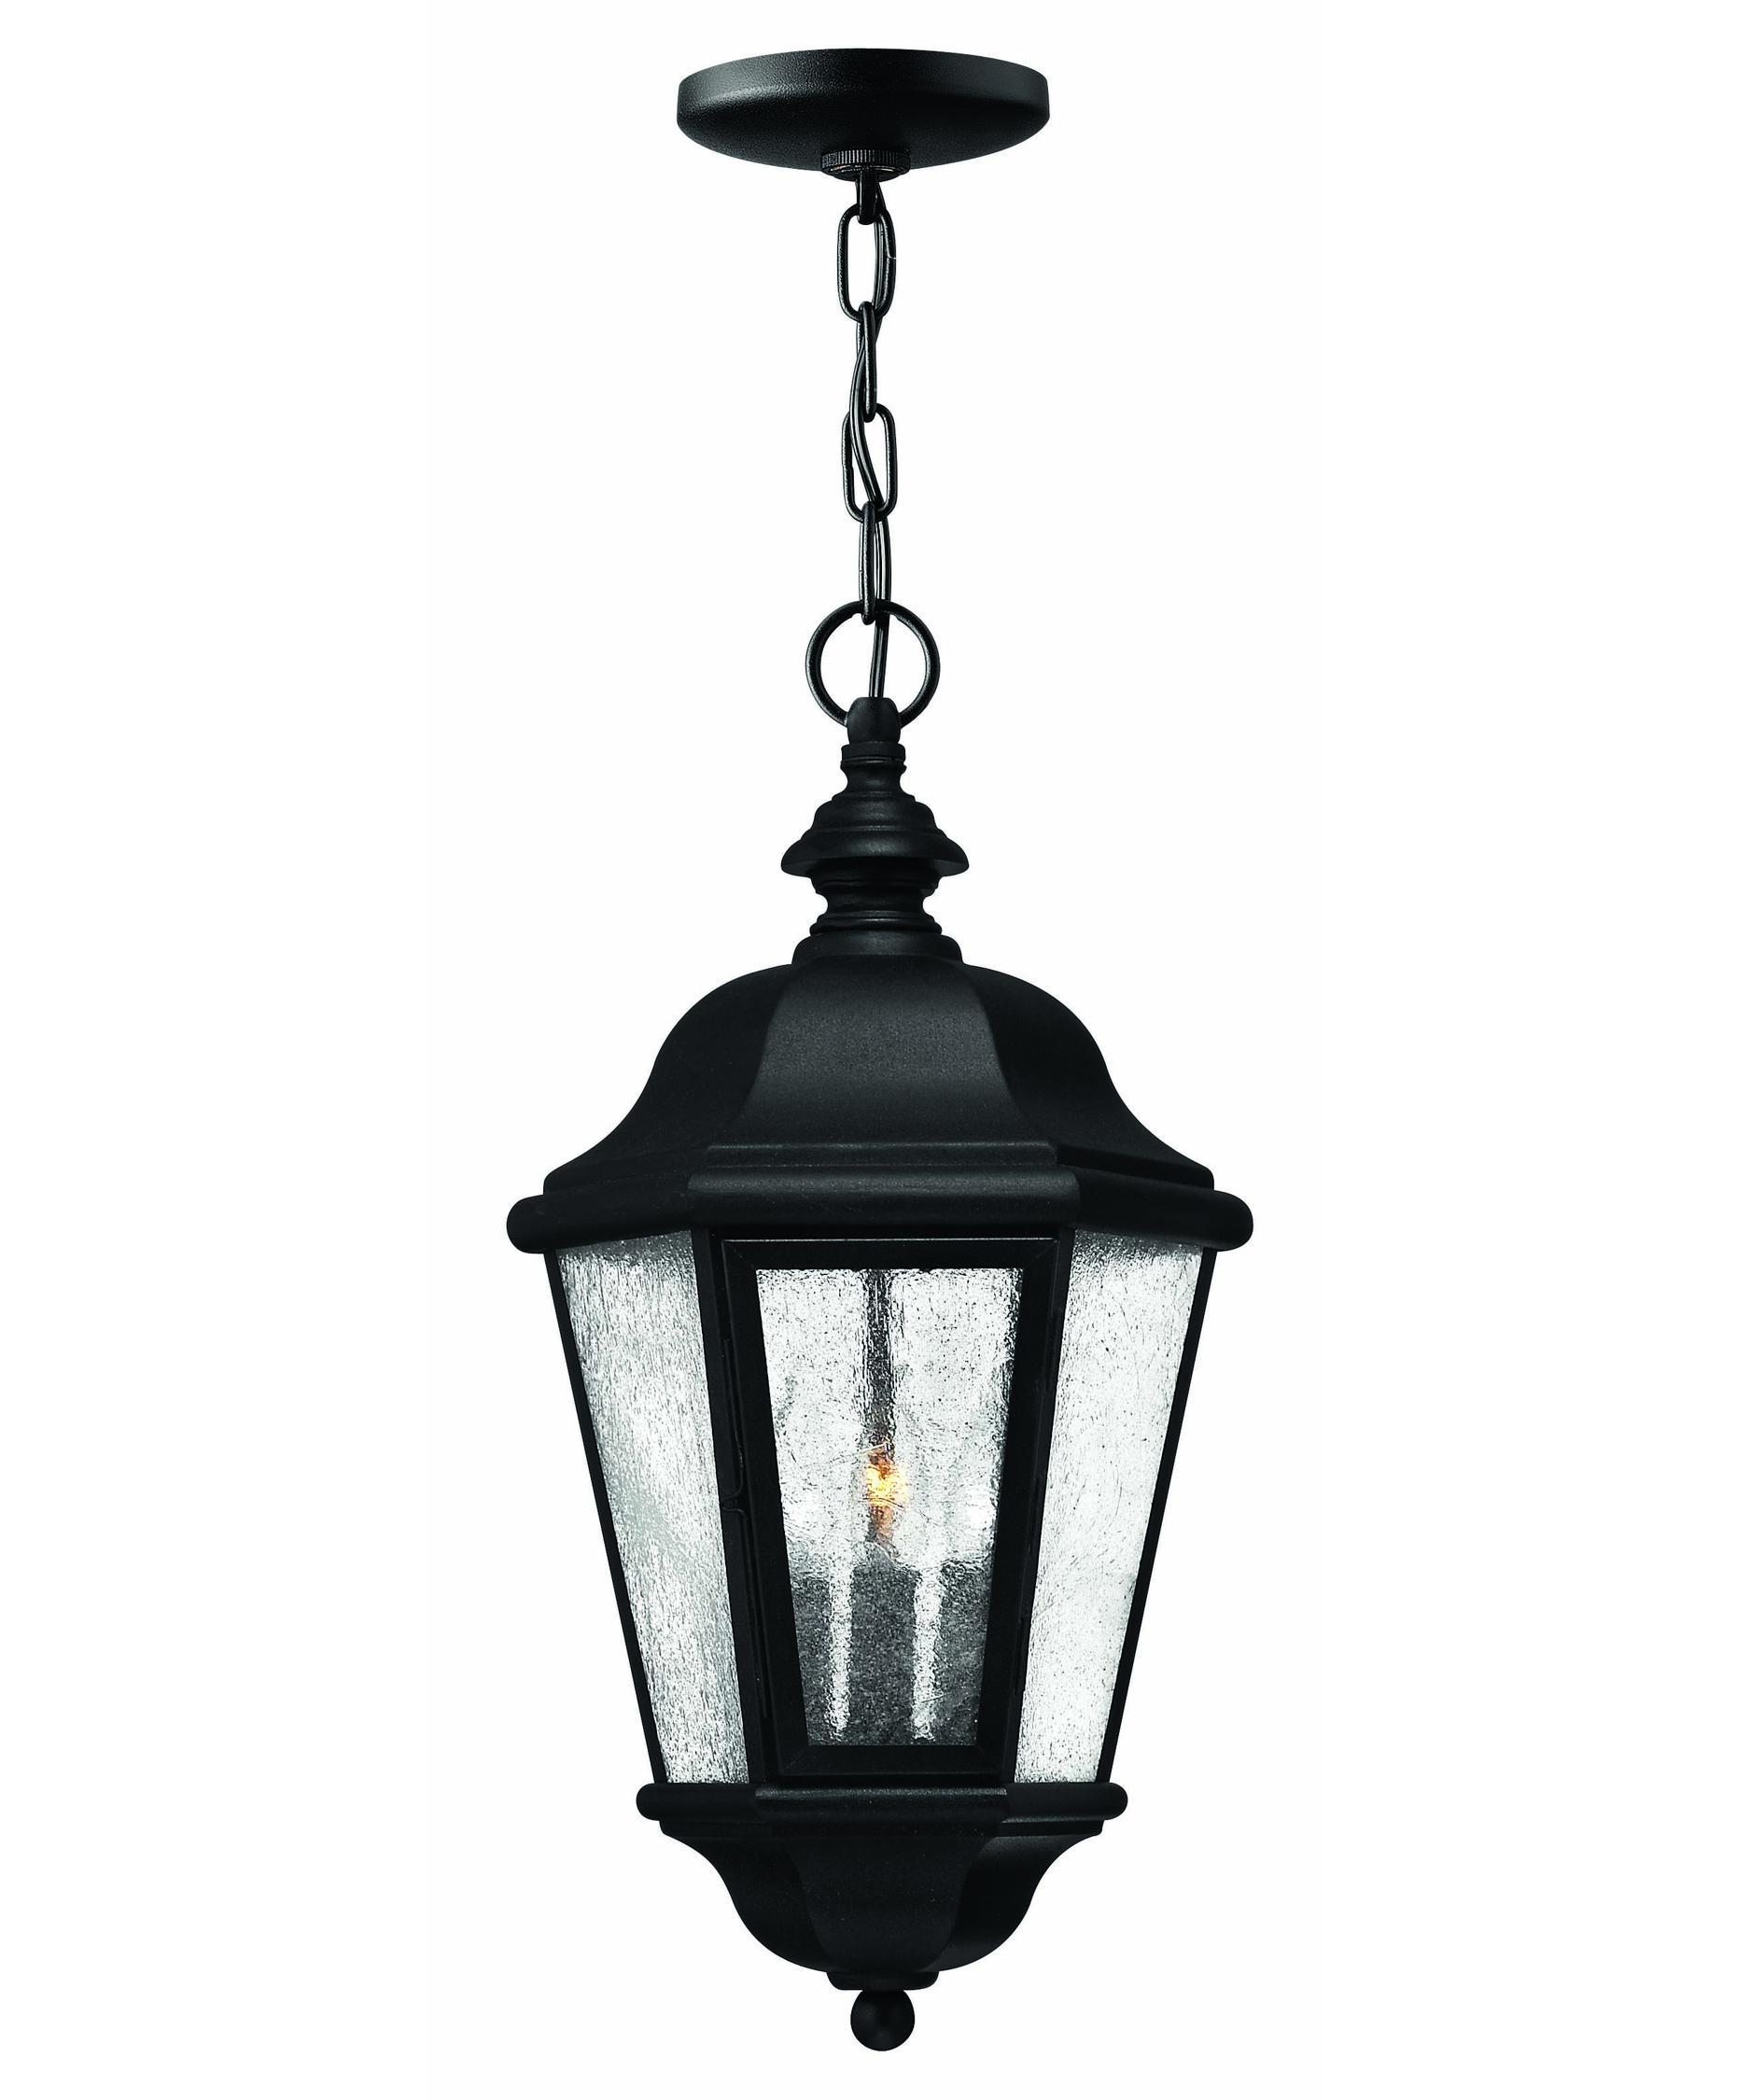 Popular Photo of Outdoor Hanging Light Fixtures In Black